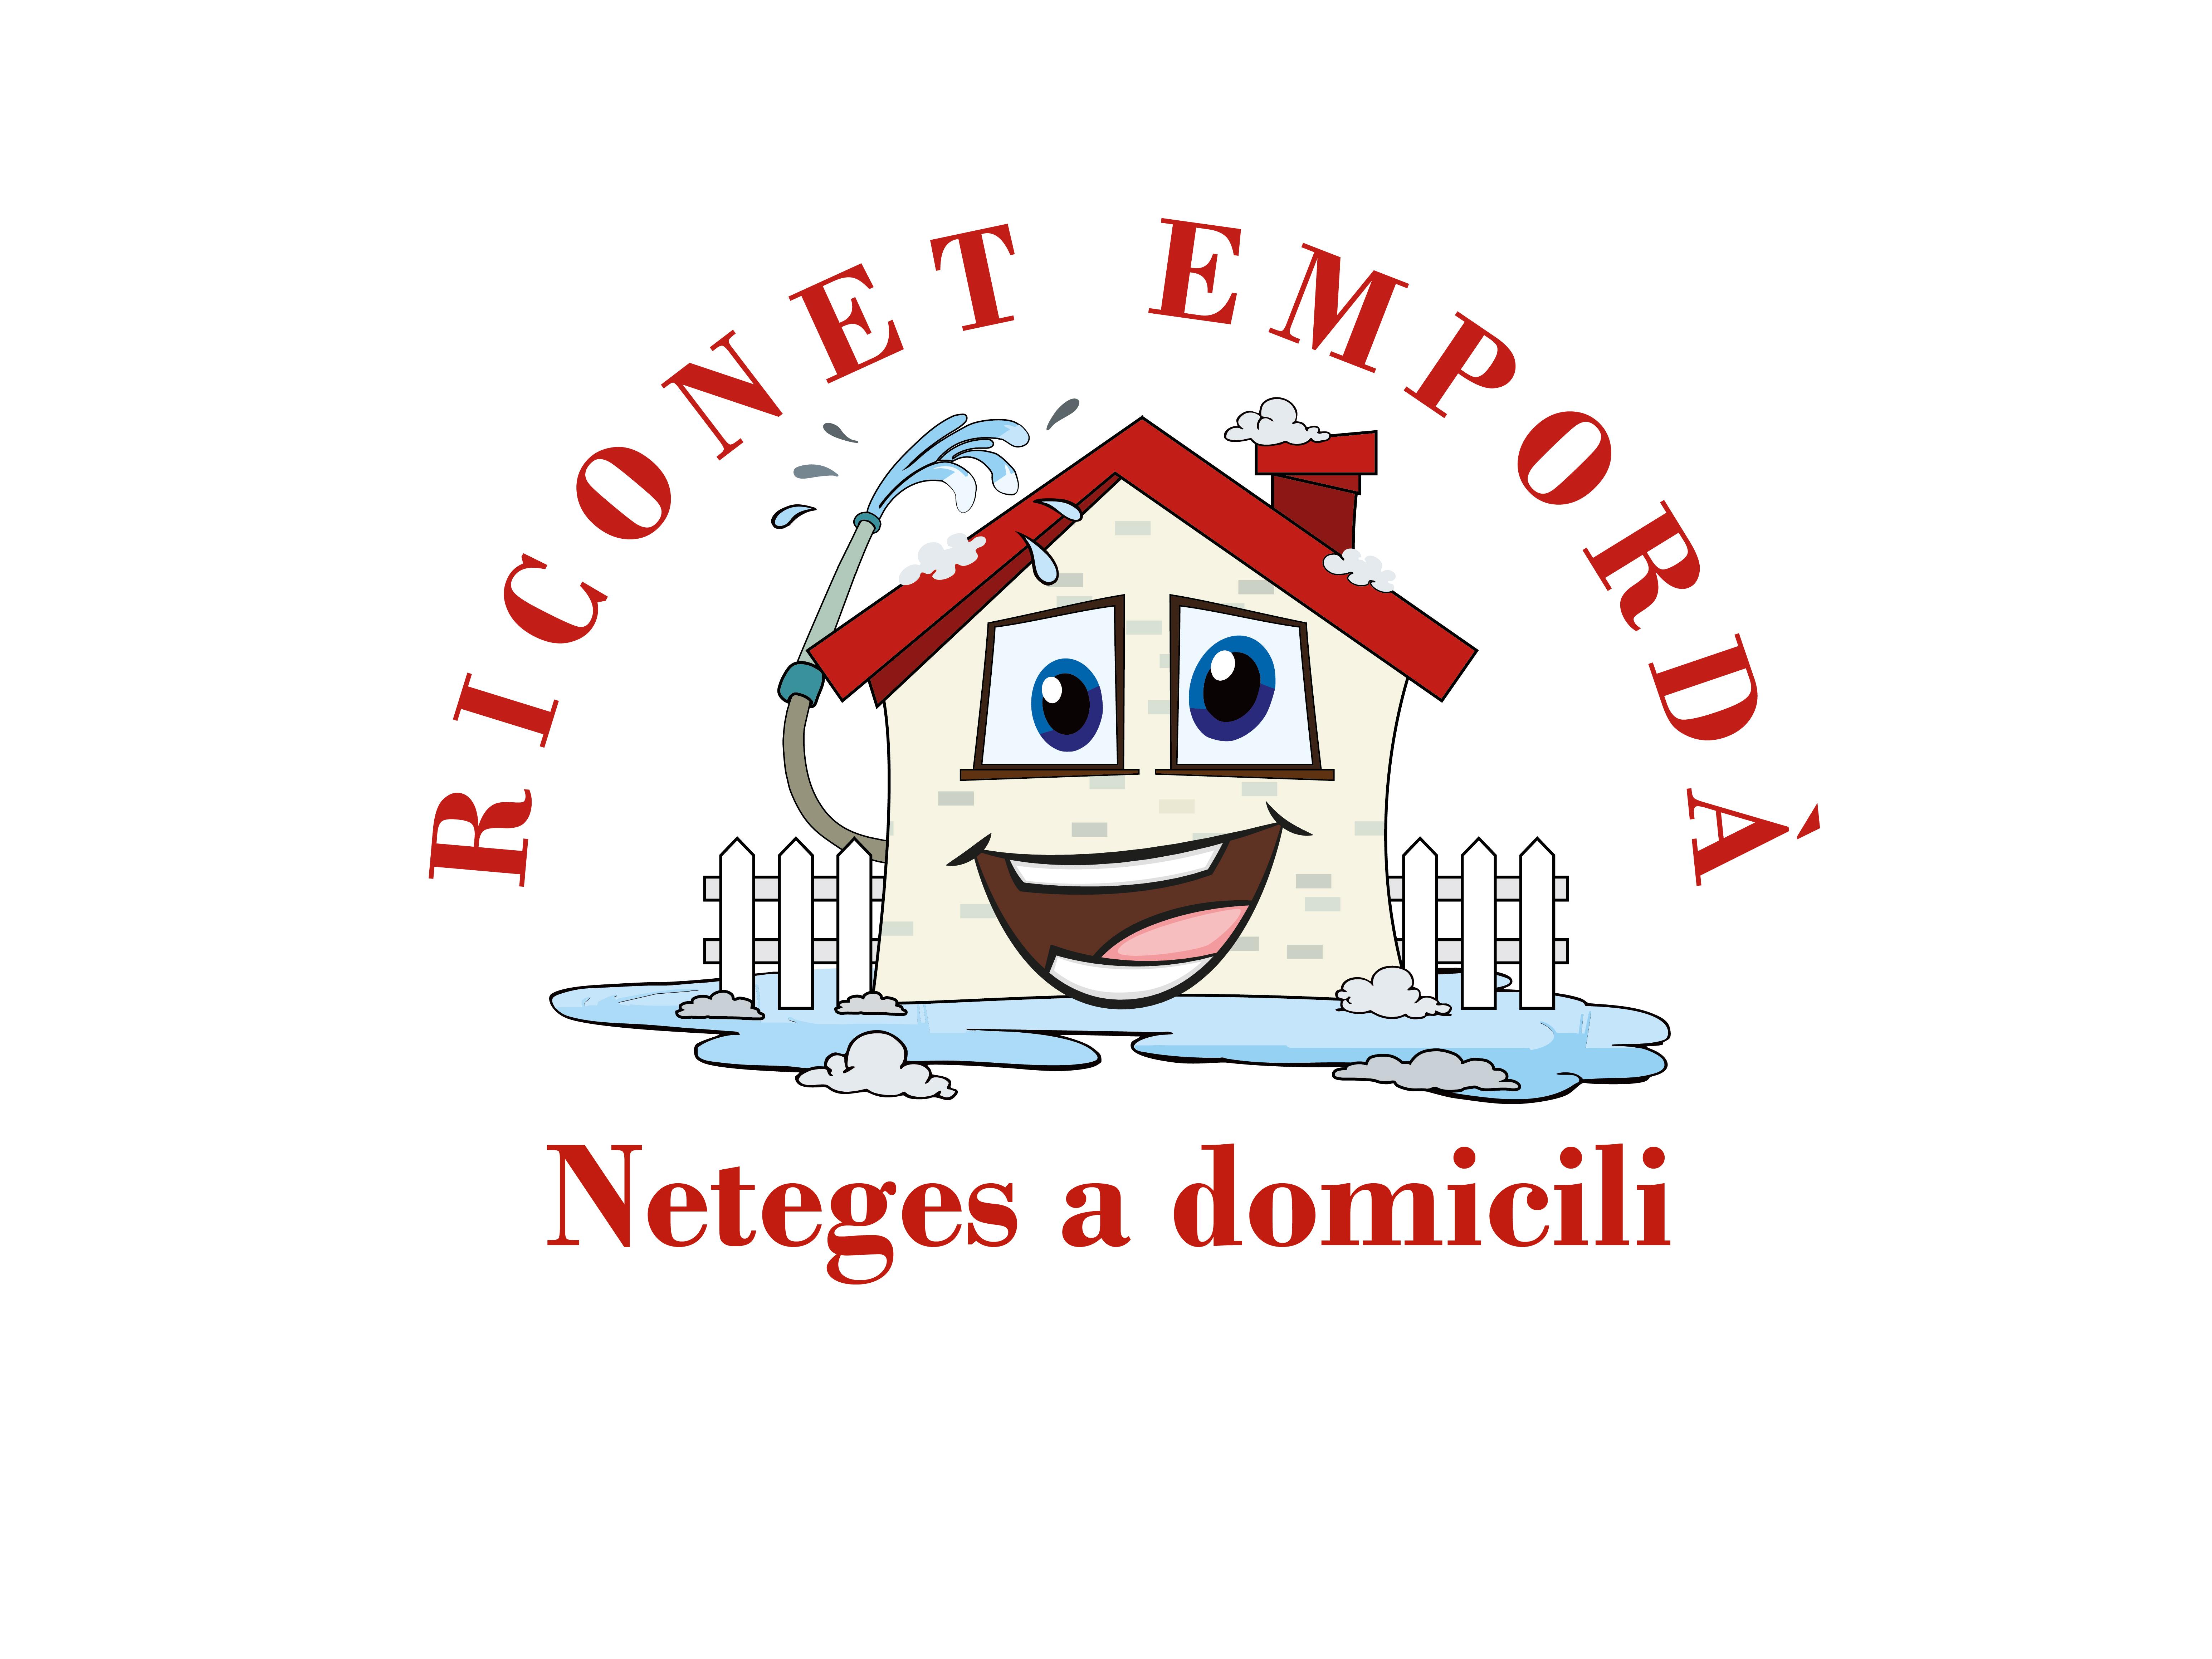 Riconet Empordà